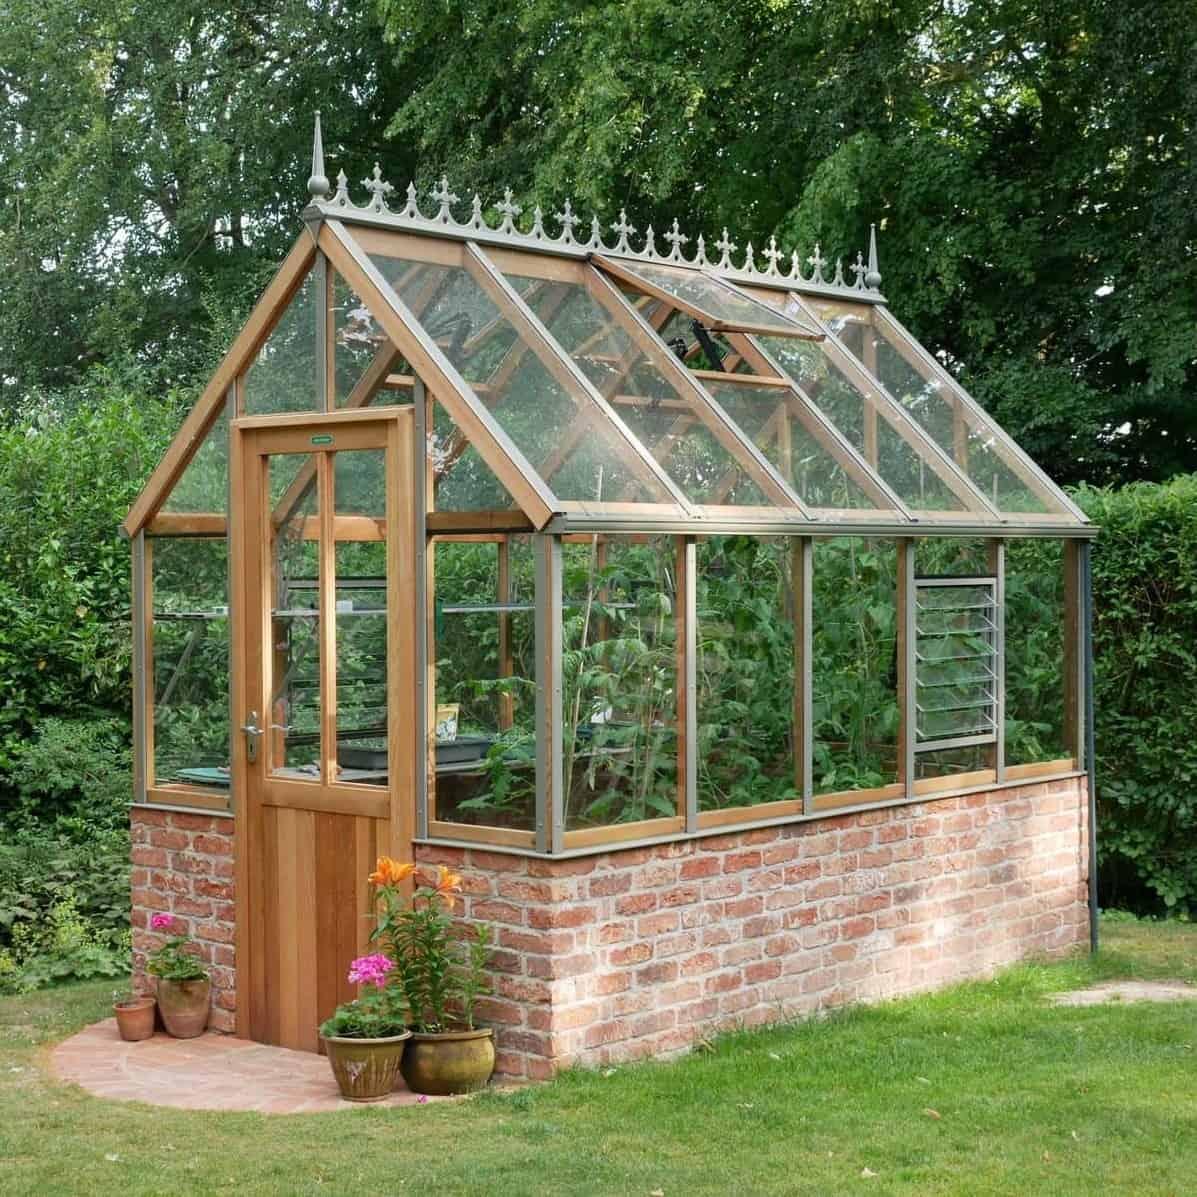 Eton Alton Victorian Greenhouse 6 x 10